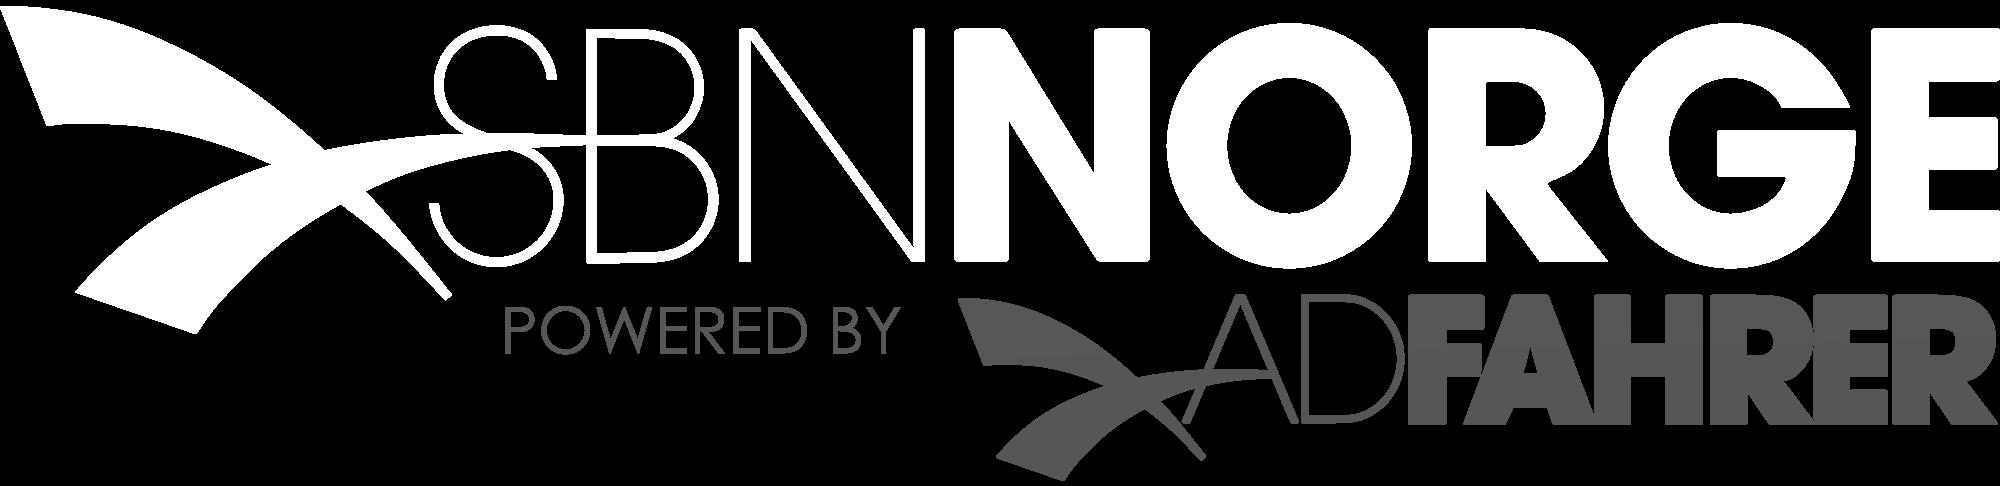 SBN - Adfahrer